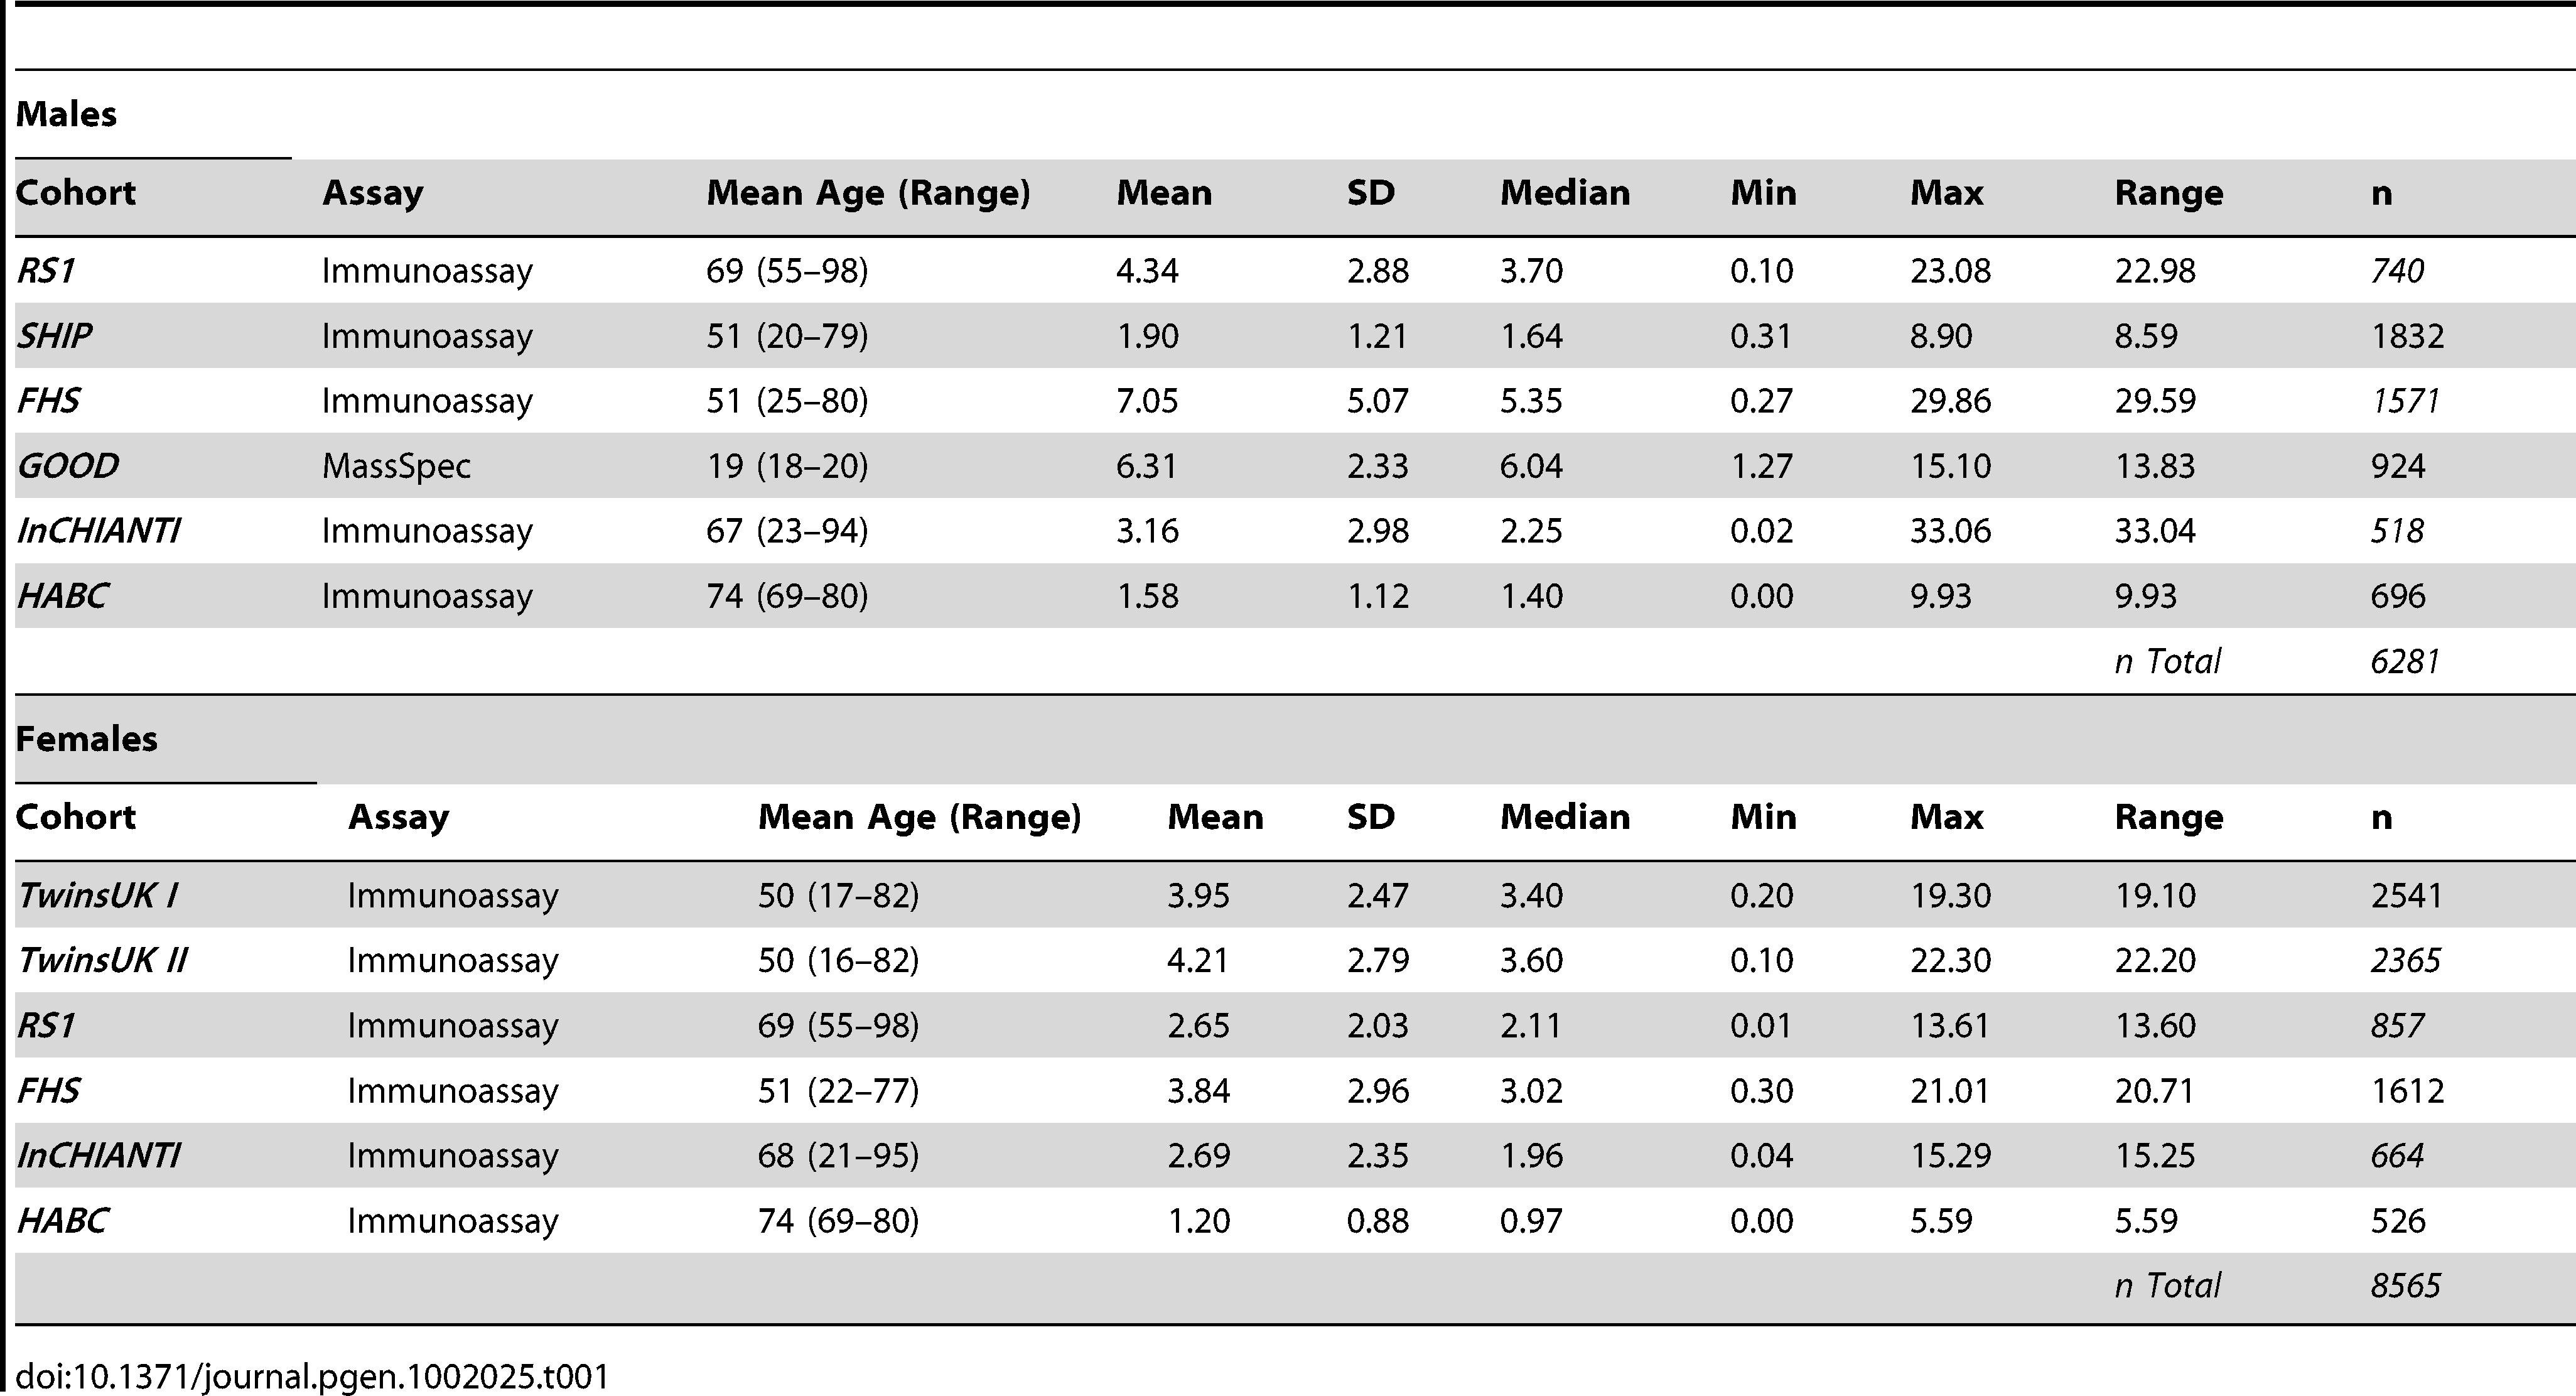 Descriptive statistics of serum levels of DHEAS (µmol/L) for each cohort.